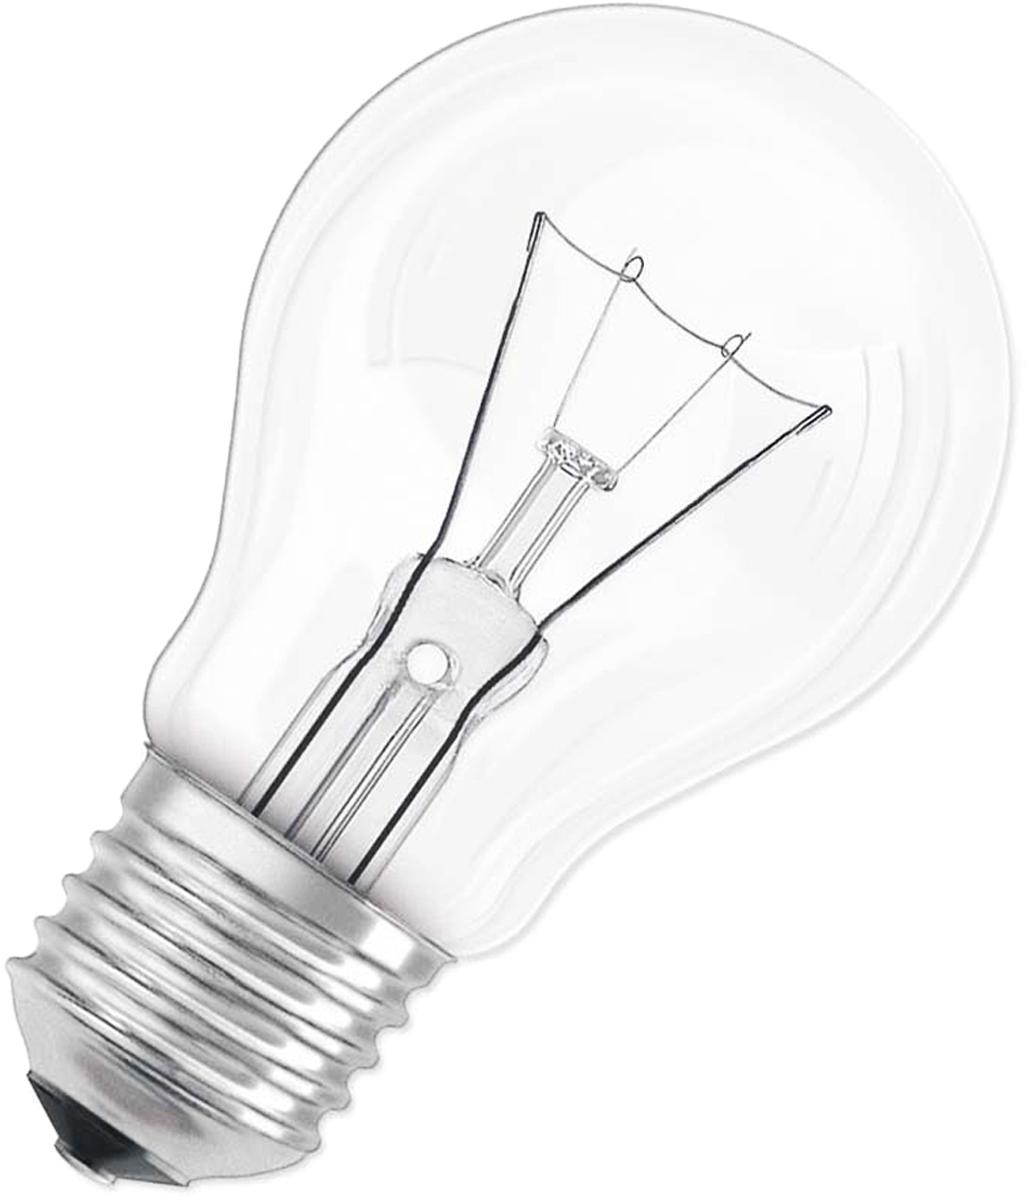 """Лампа накаливания Osram """"Classic"""" A CL 75Вт E27 220-240В. 4008321585387"""